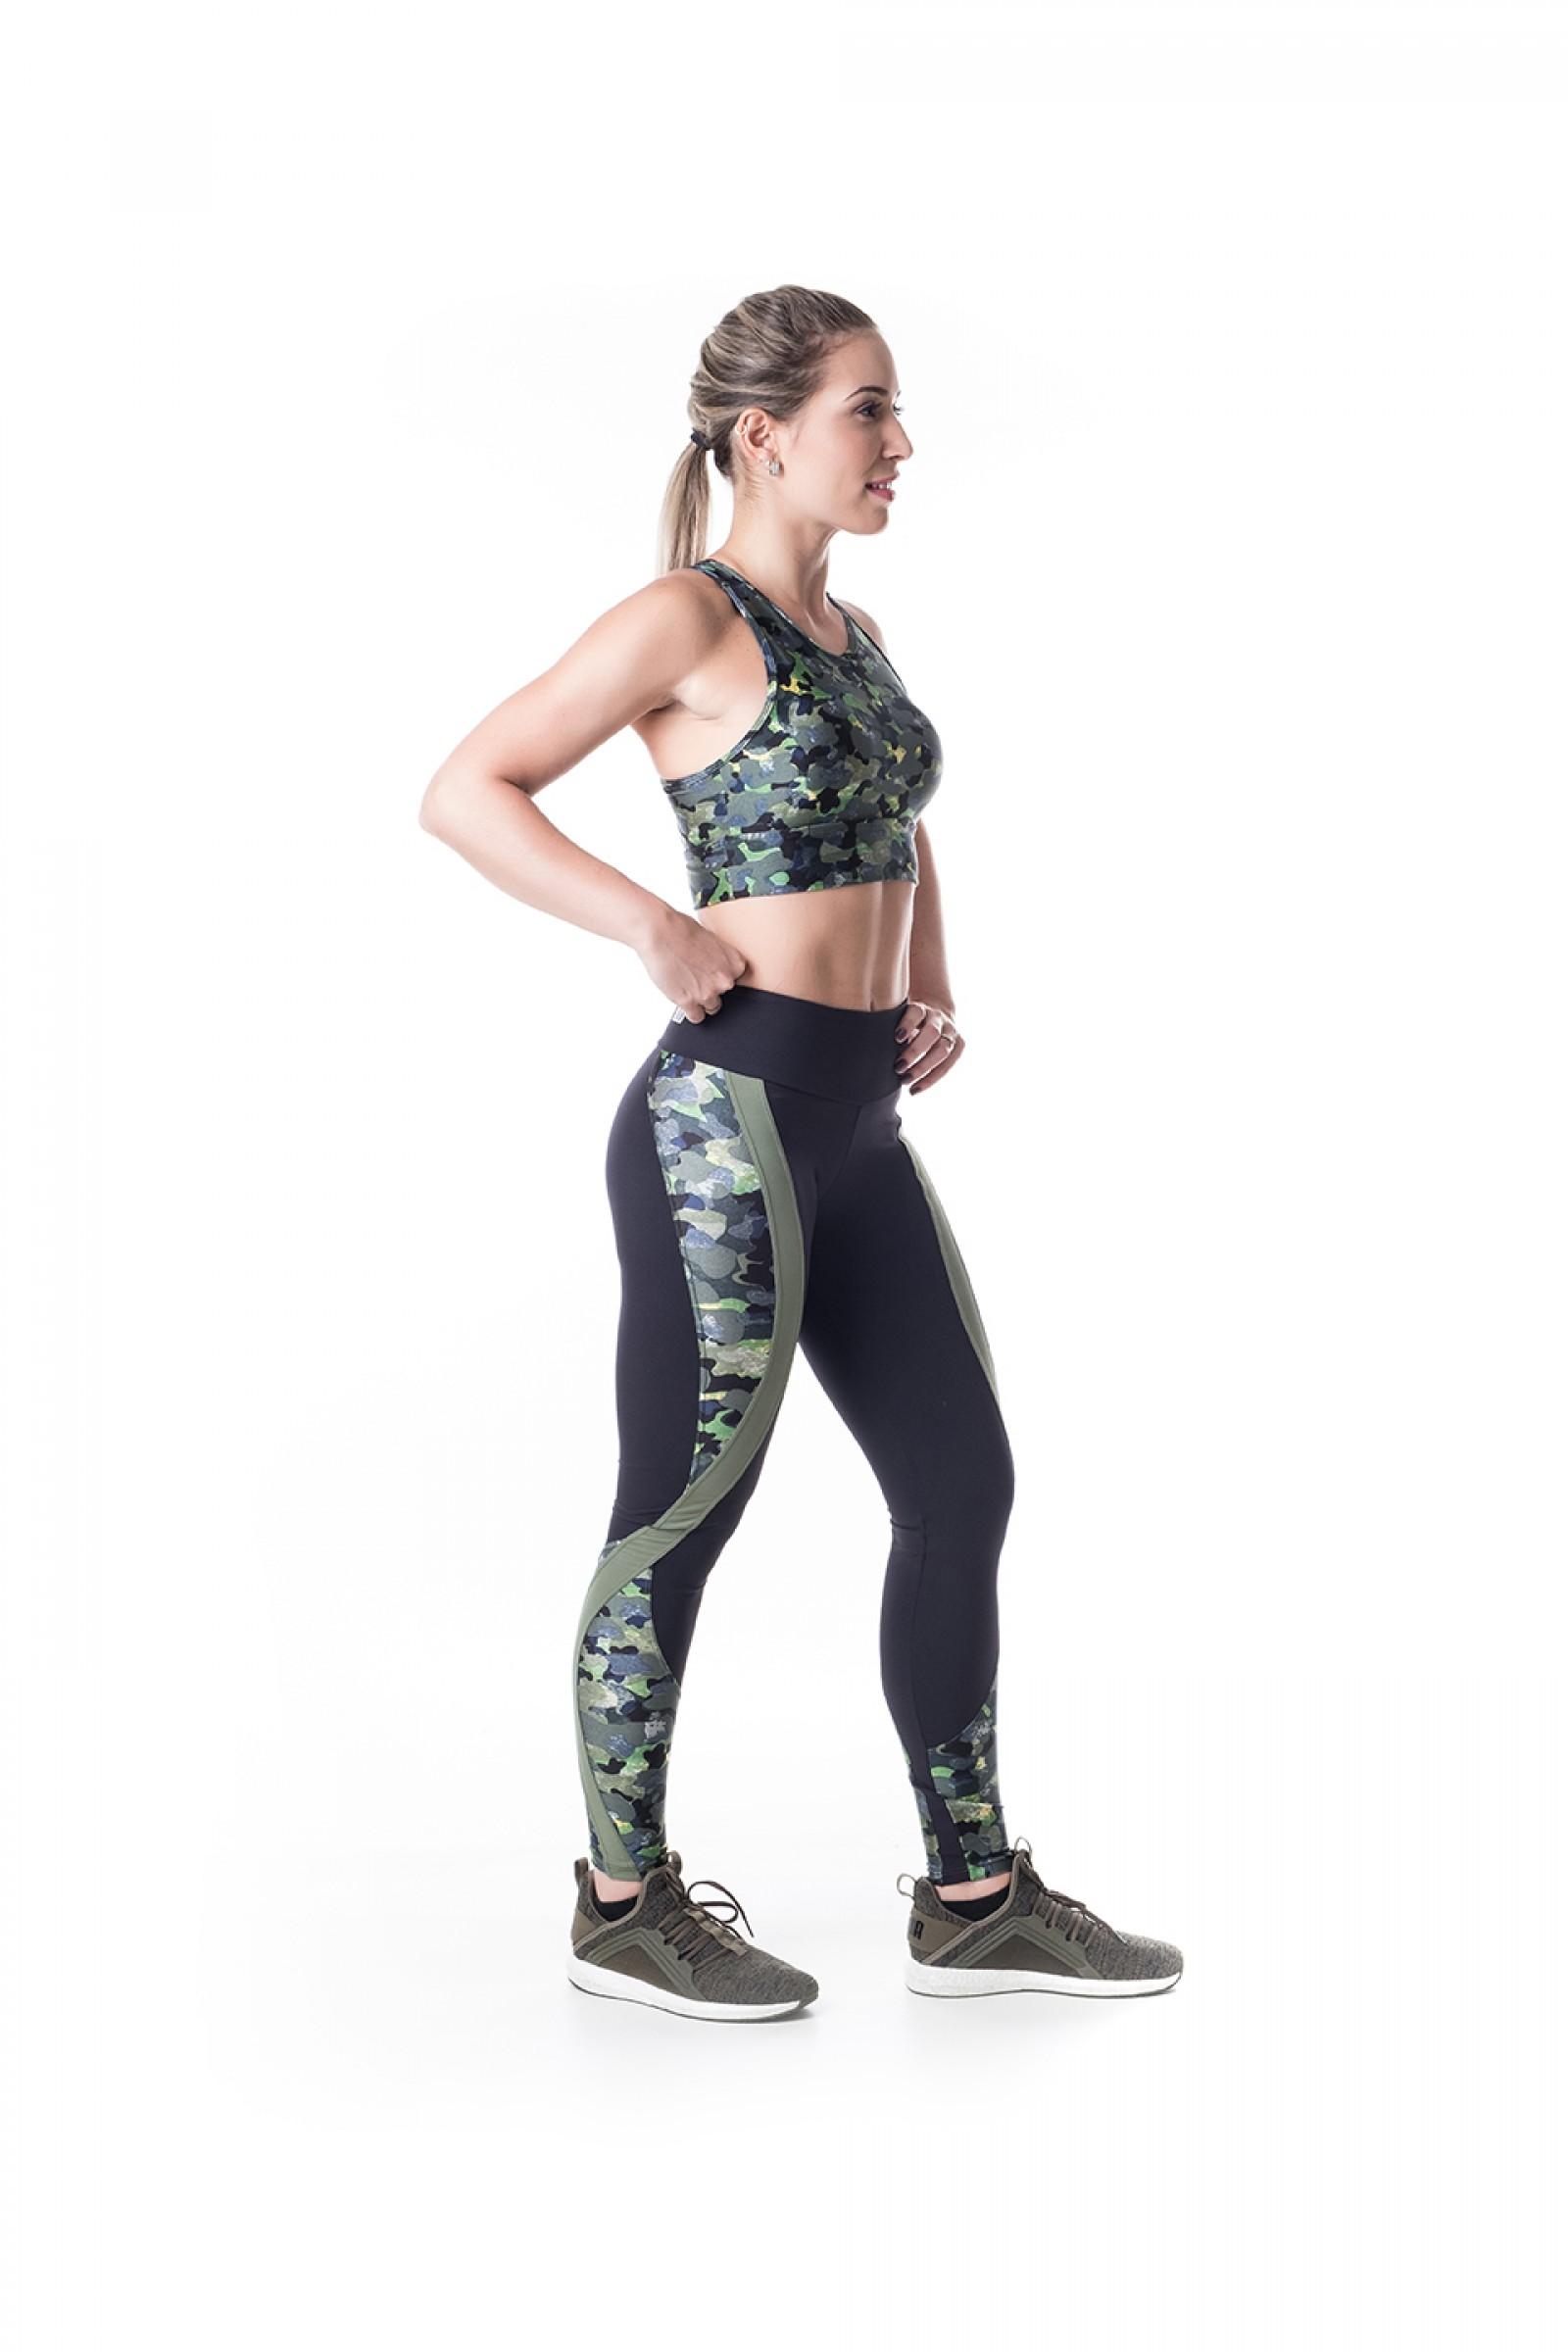 Legging Lead Camuflado, Coleção Challenge - NKT Fitwear Moda Fitness